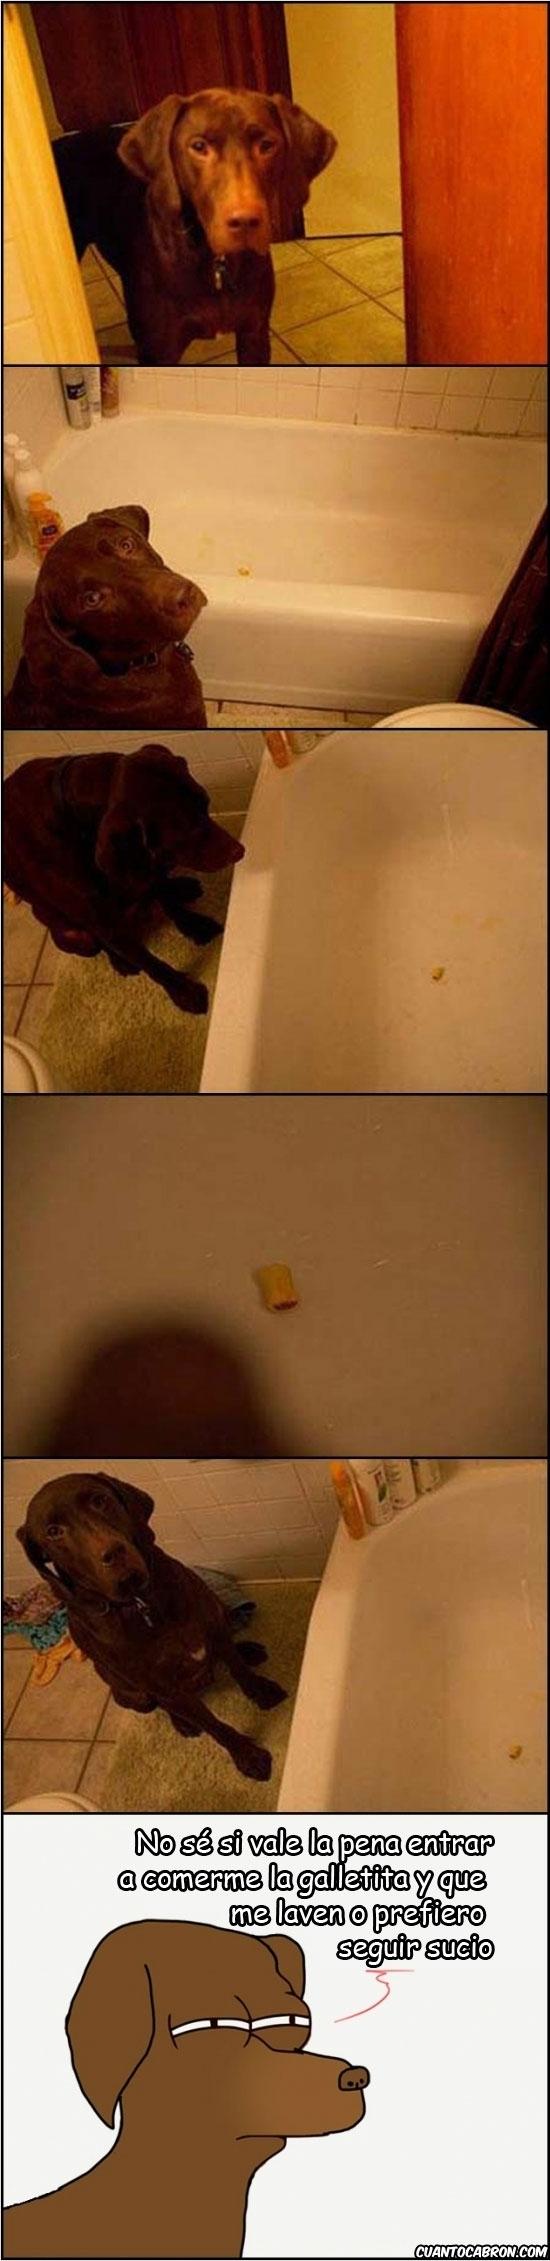 Fry - Los perros no son tan tontos como pensamos